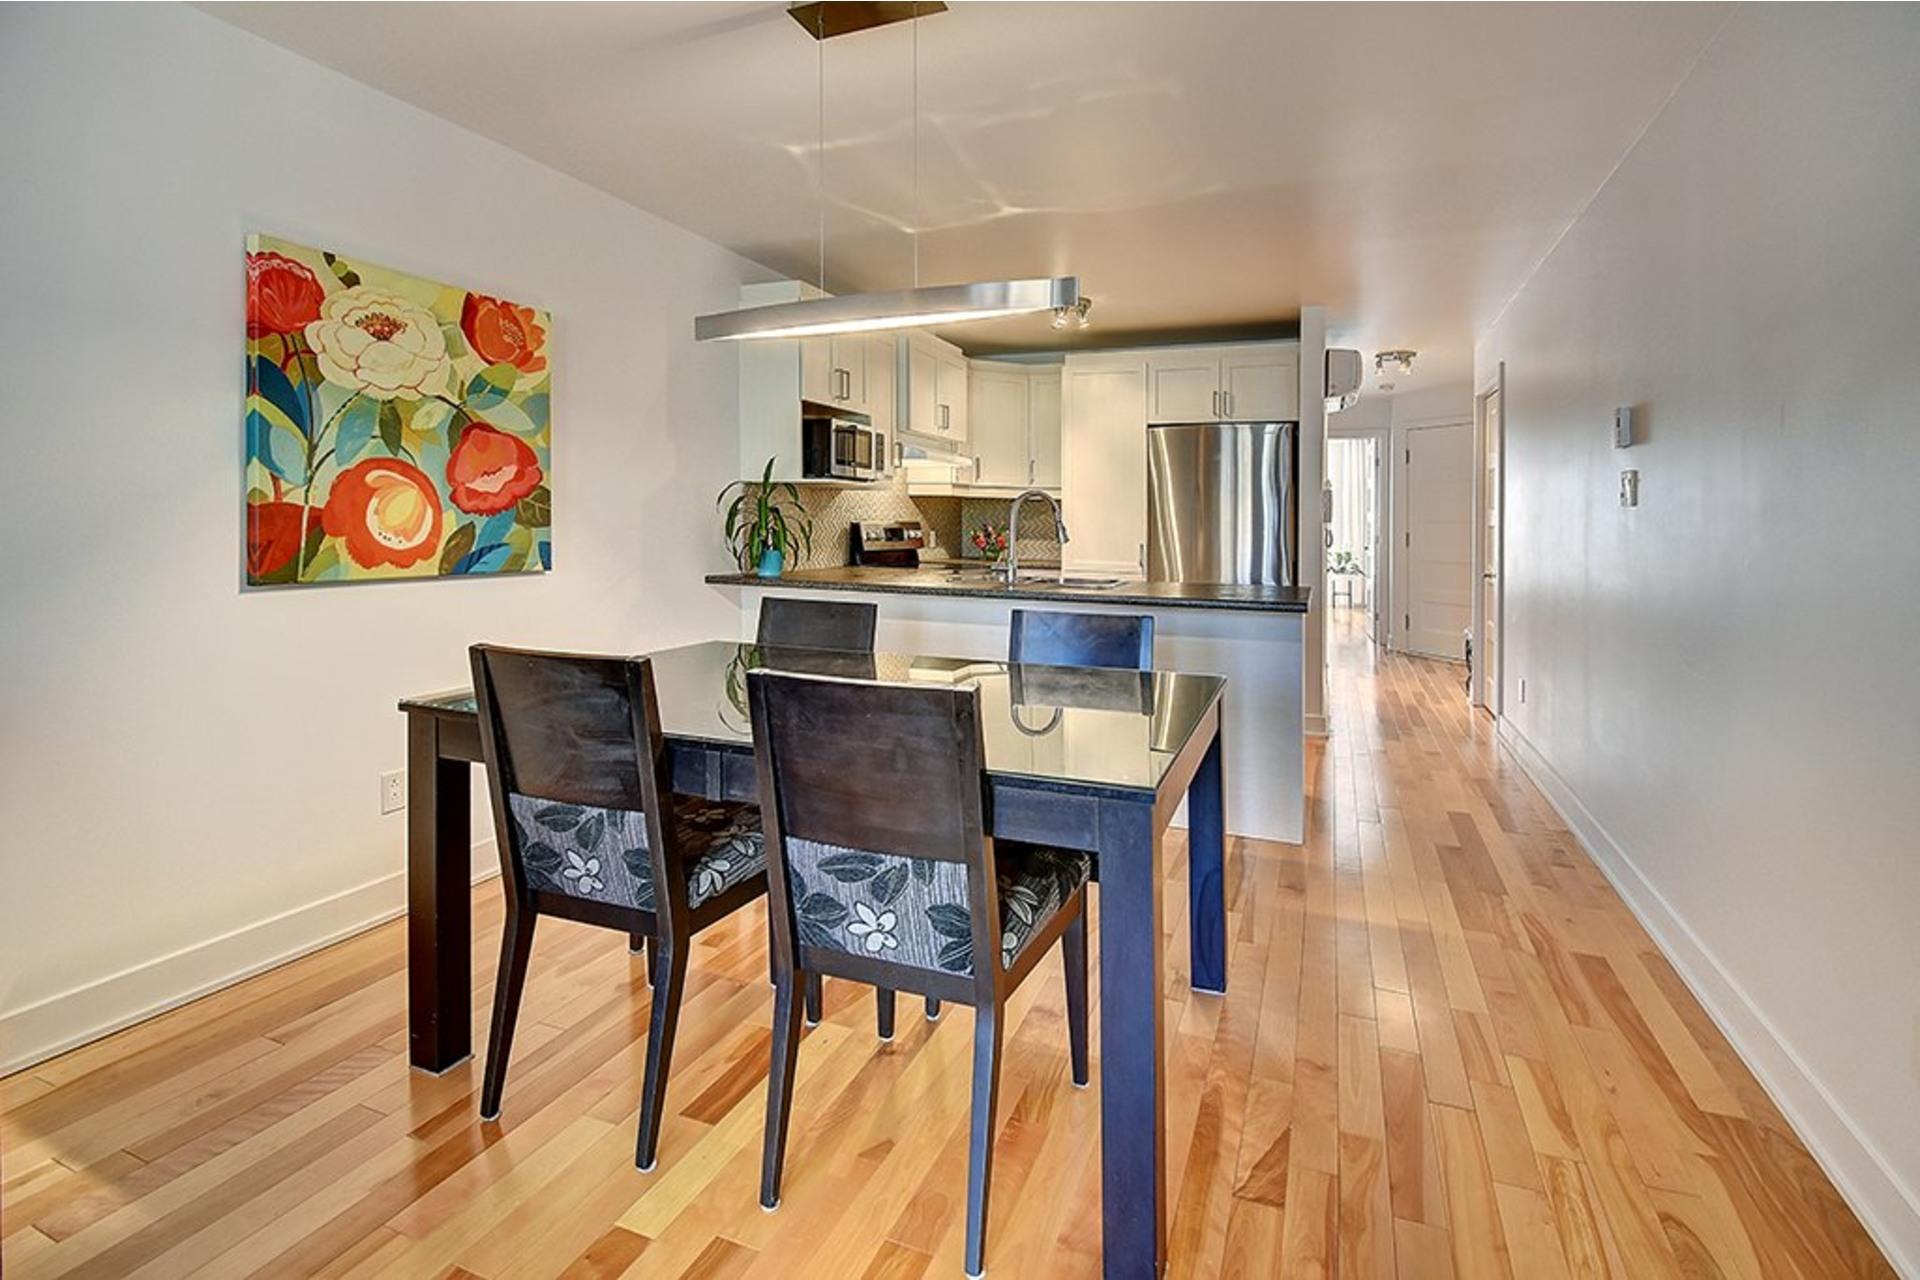 image 11 - Appartement À vendre Le Sud-Ouest Montréal  - 5 pièces